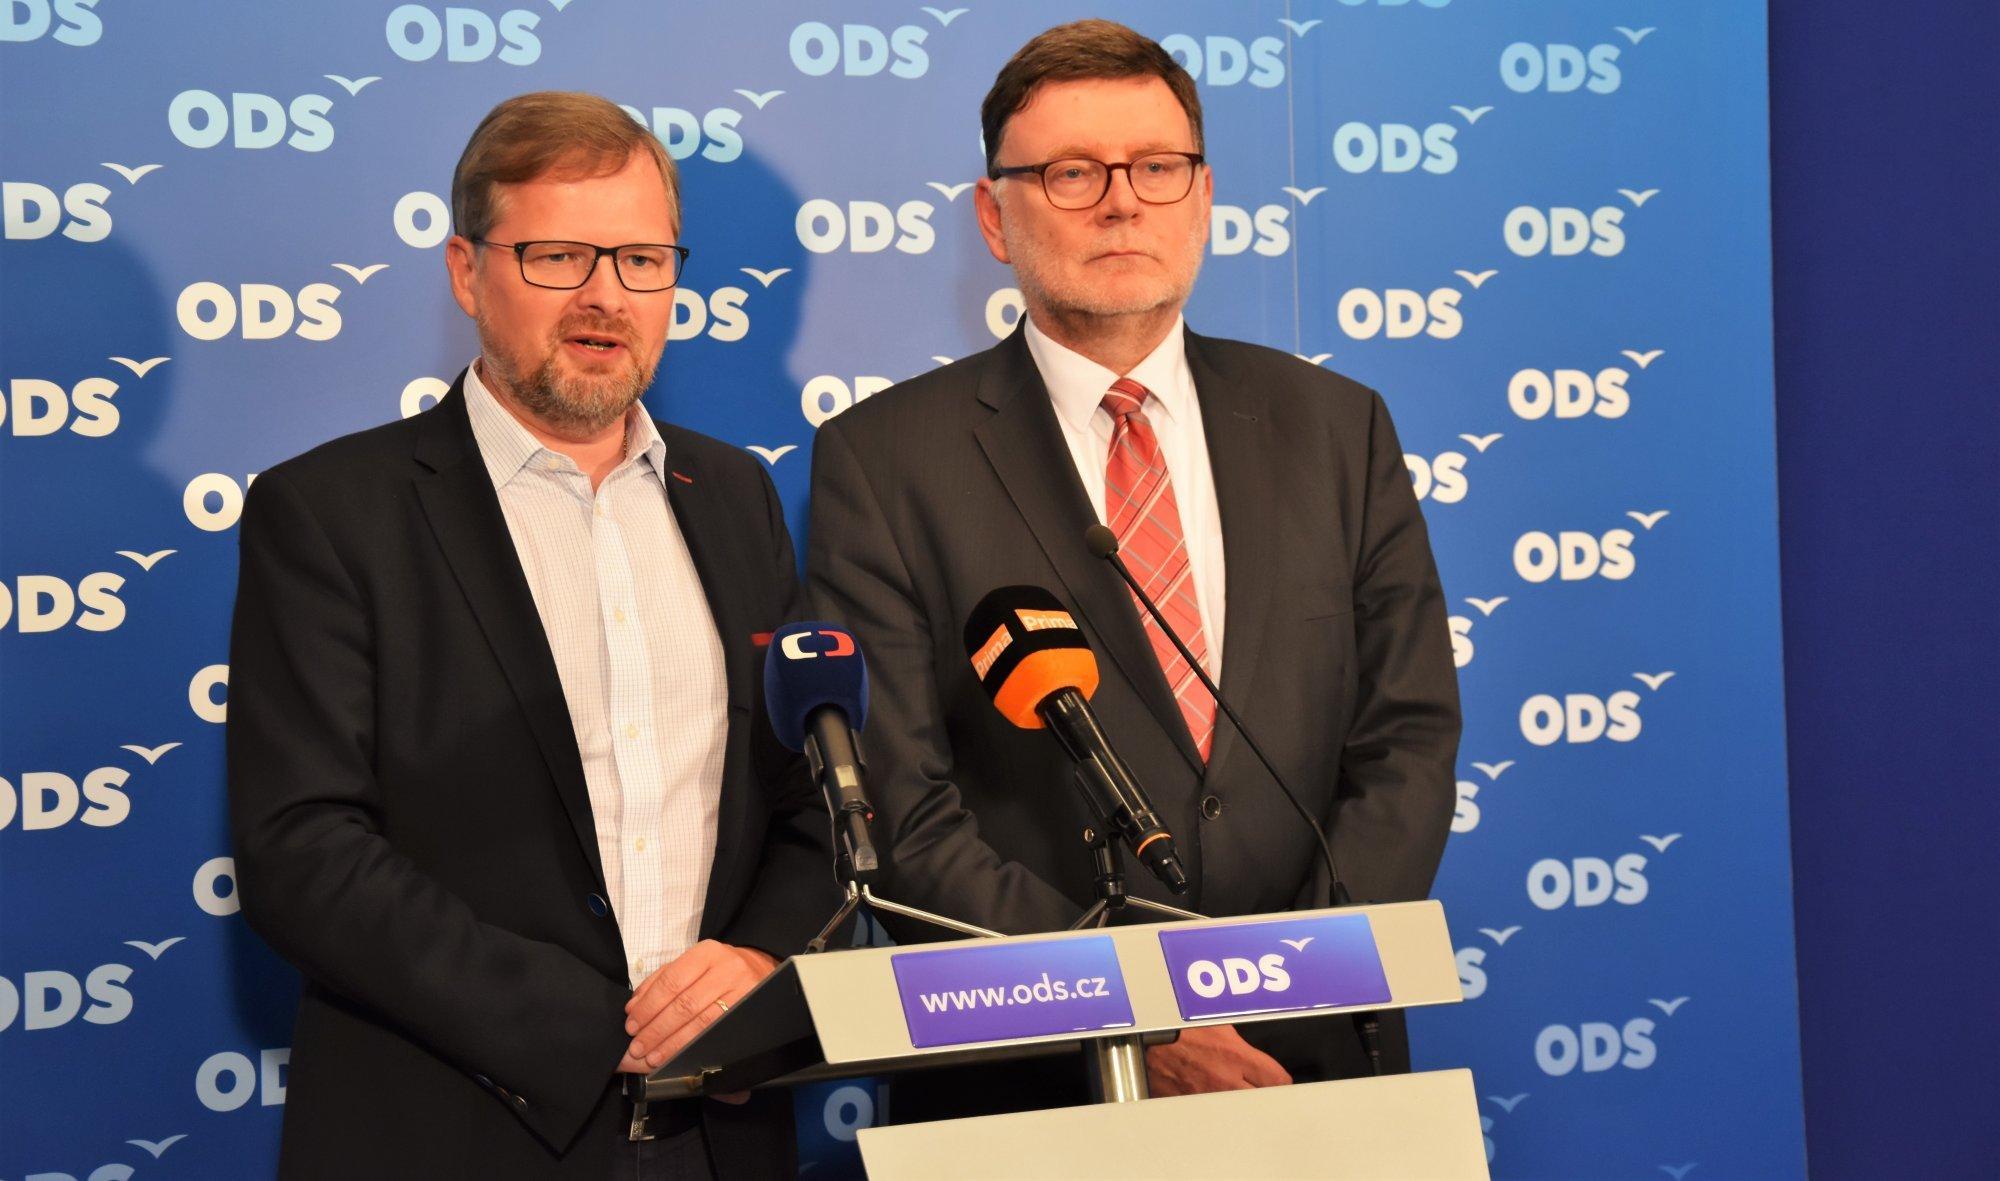 Petr Fiala: Vláda nepřišla s žádnou náhradou za zrušený druhý důchodový pilíř. Po volbách je třeba najít dlouhodobé řešení důchodů